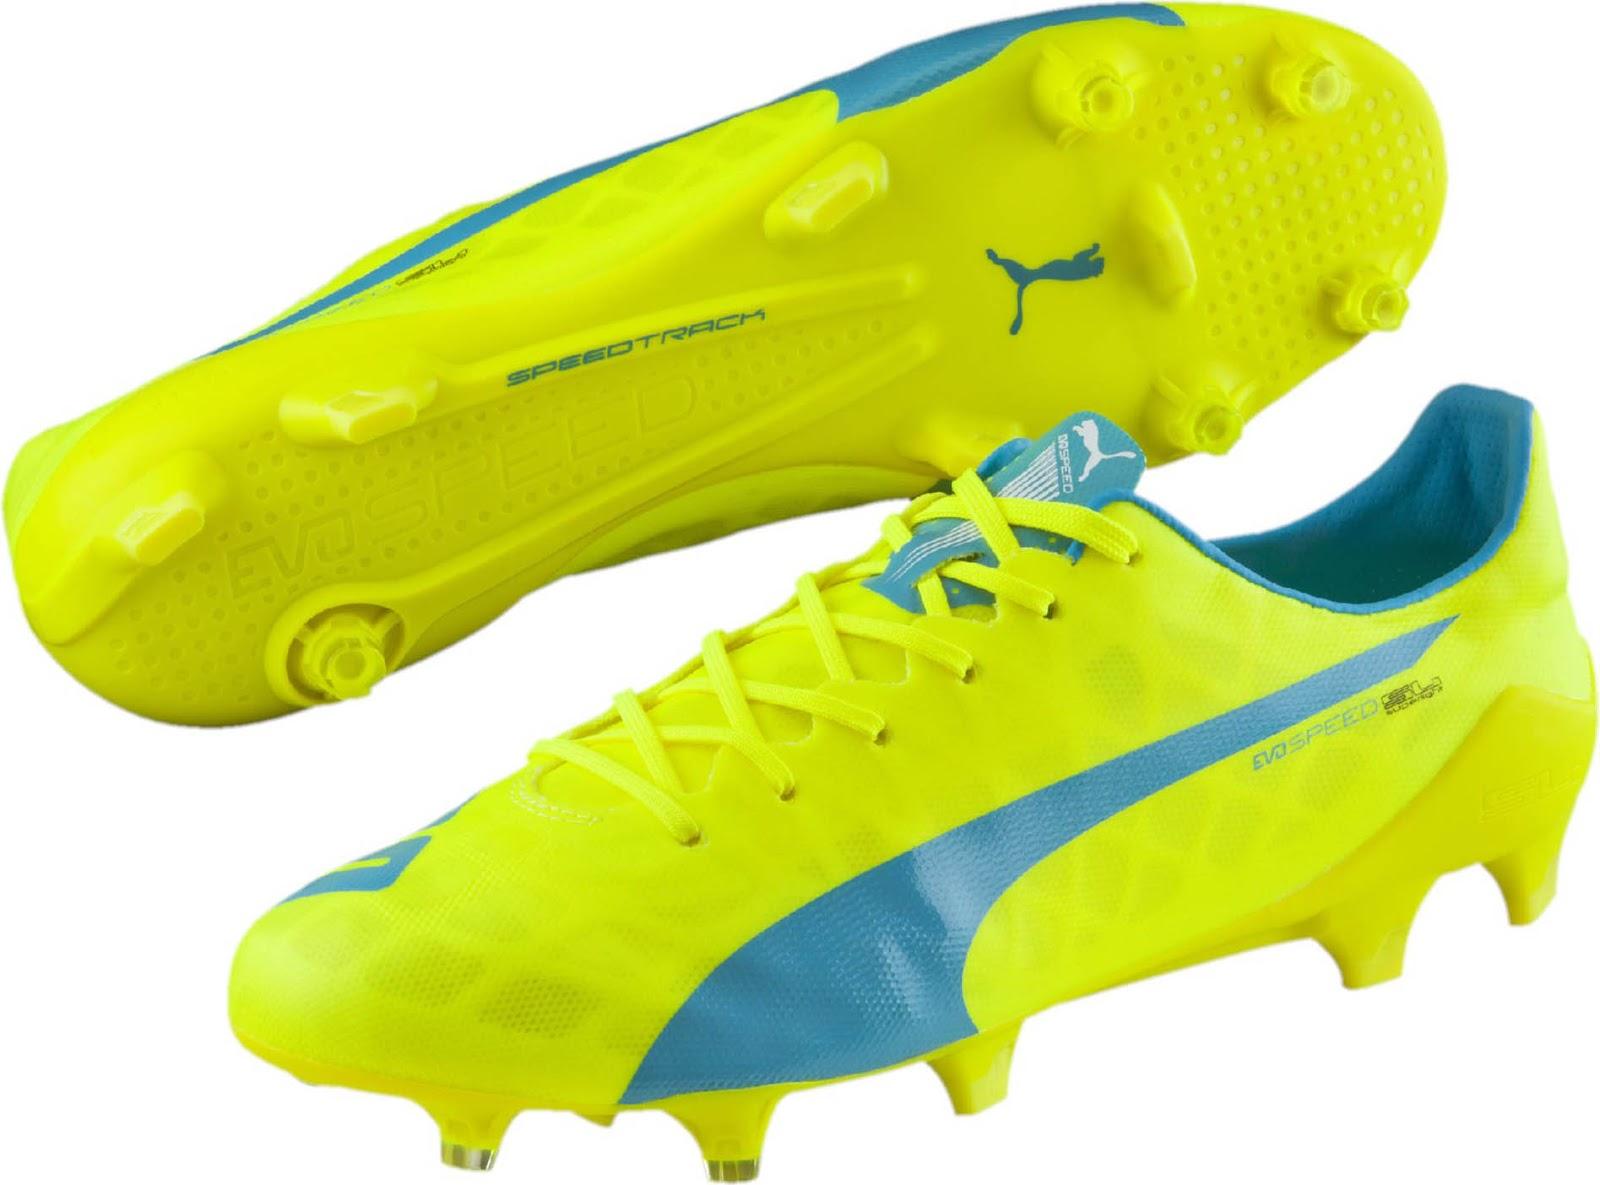 Puma Fussballschuhe Gelb Legasthenie Deutschland De